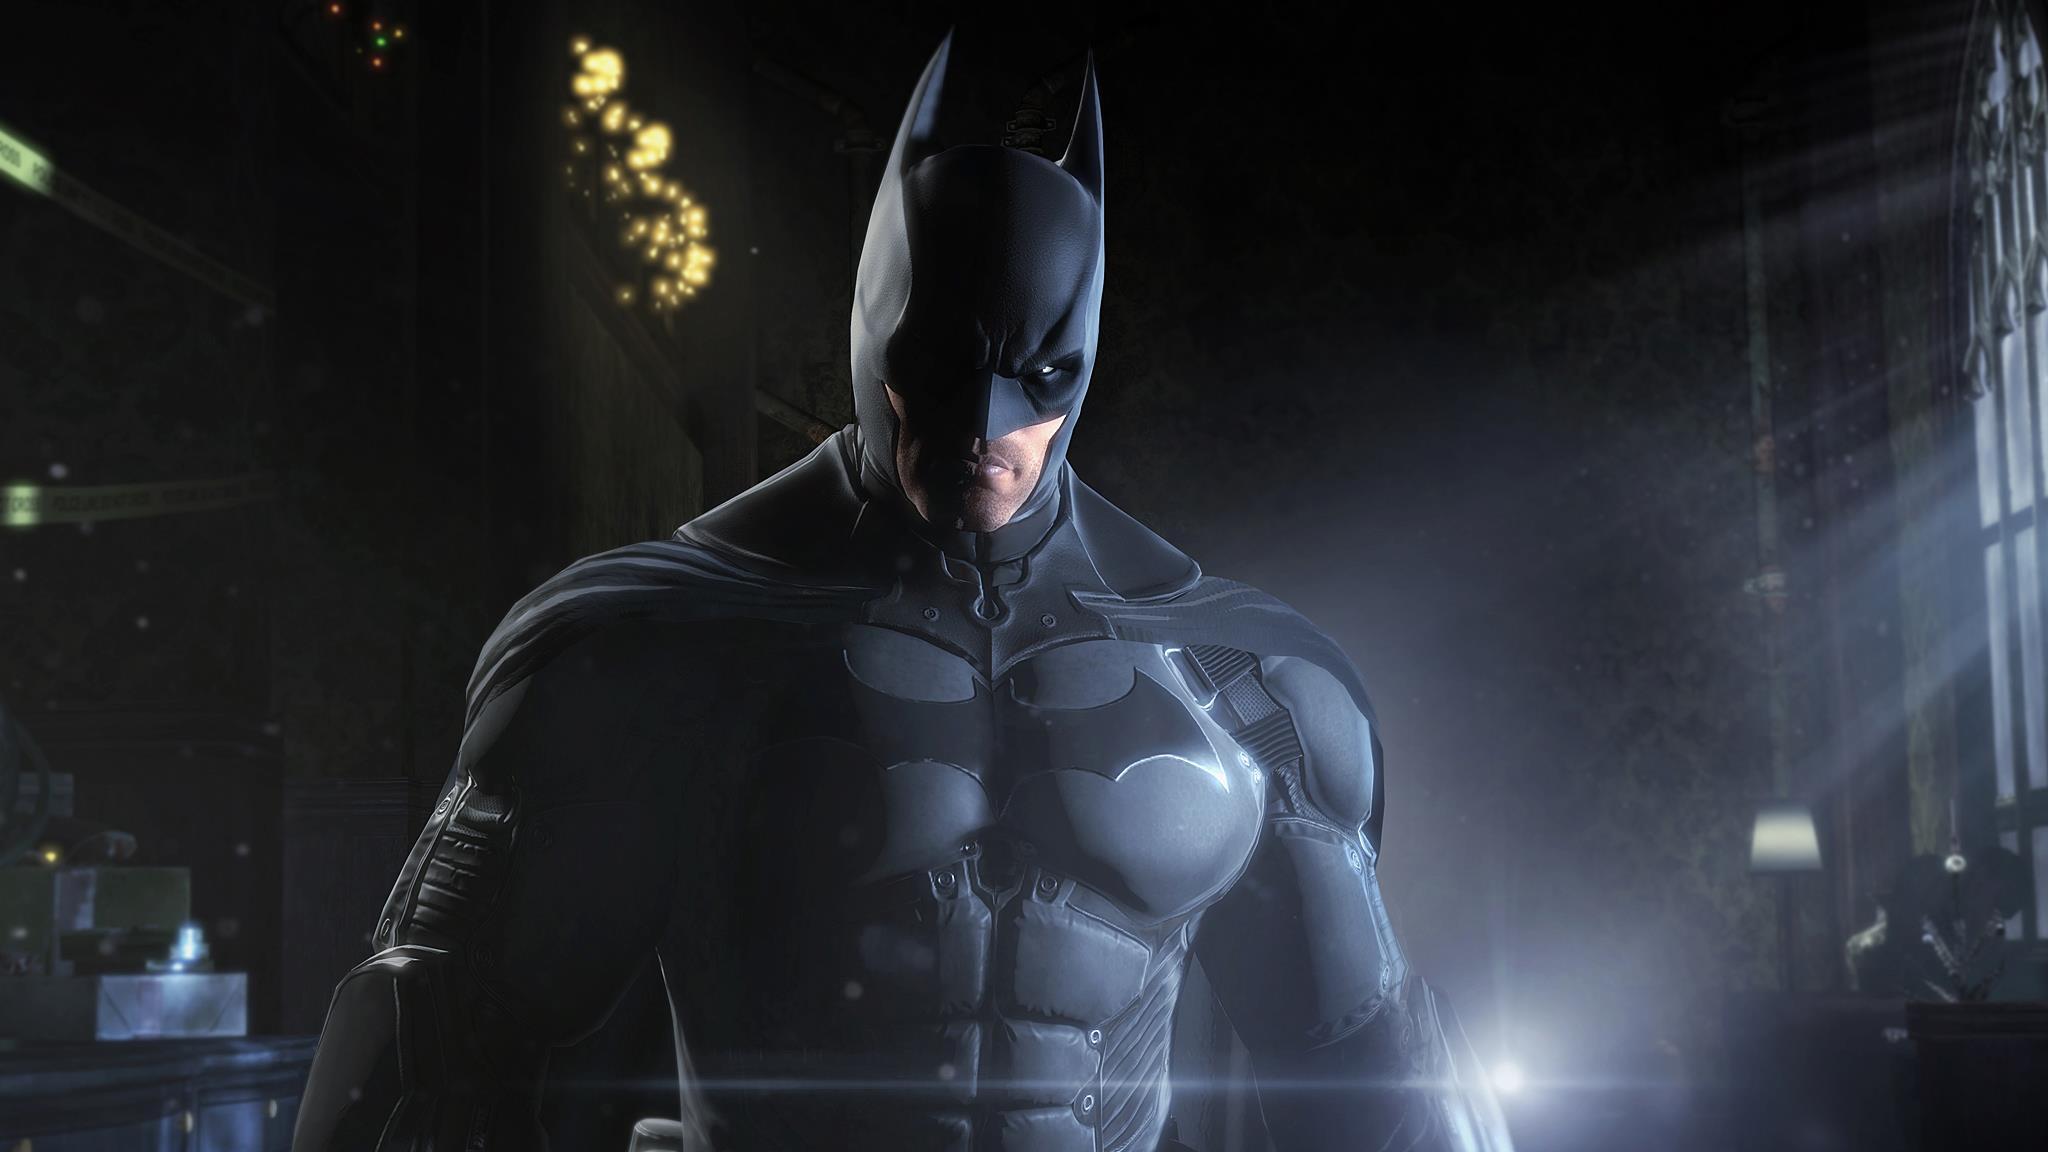 EXTRA! EXTRA! Vazou o VILÃO de Batman: Arkham Origins